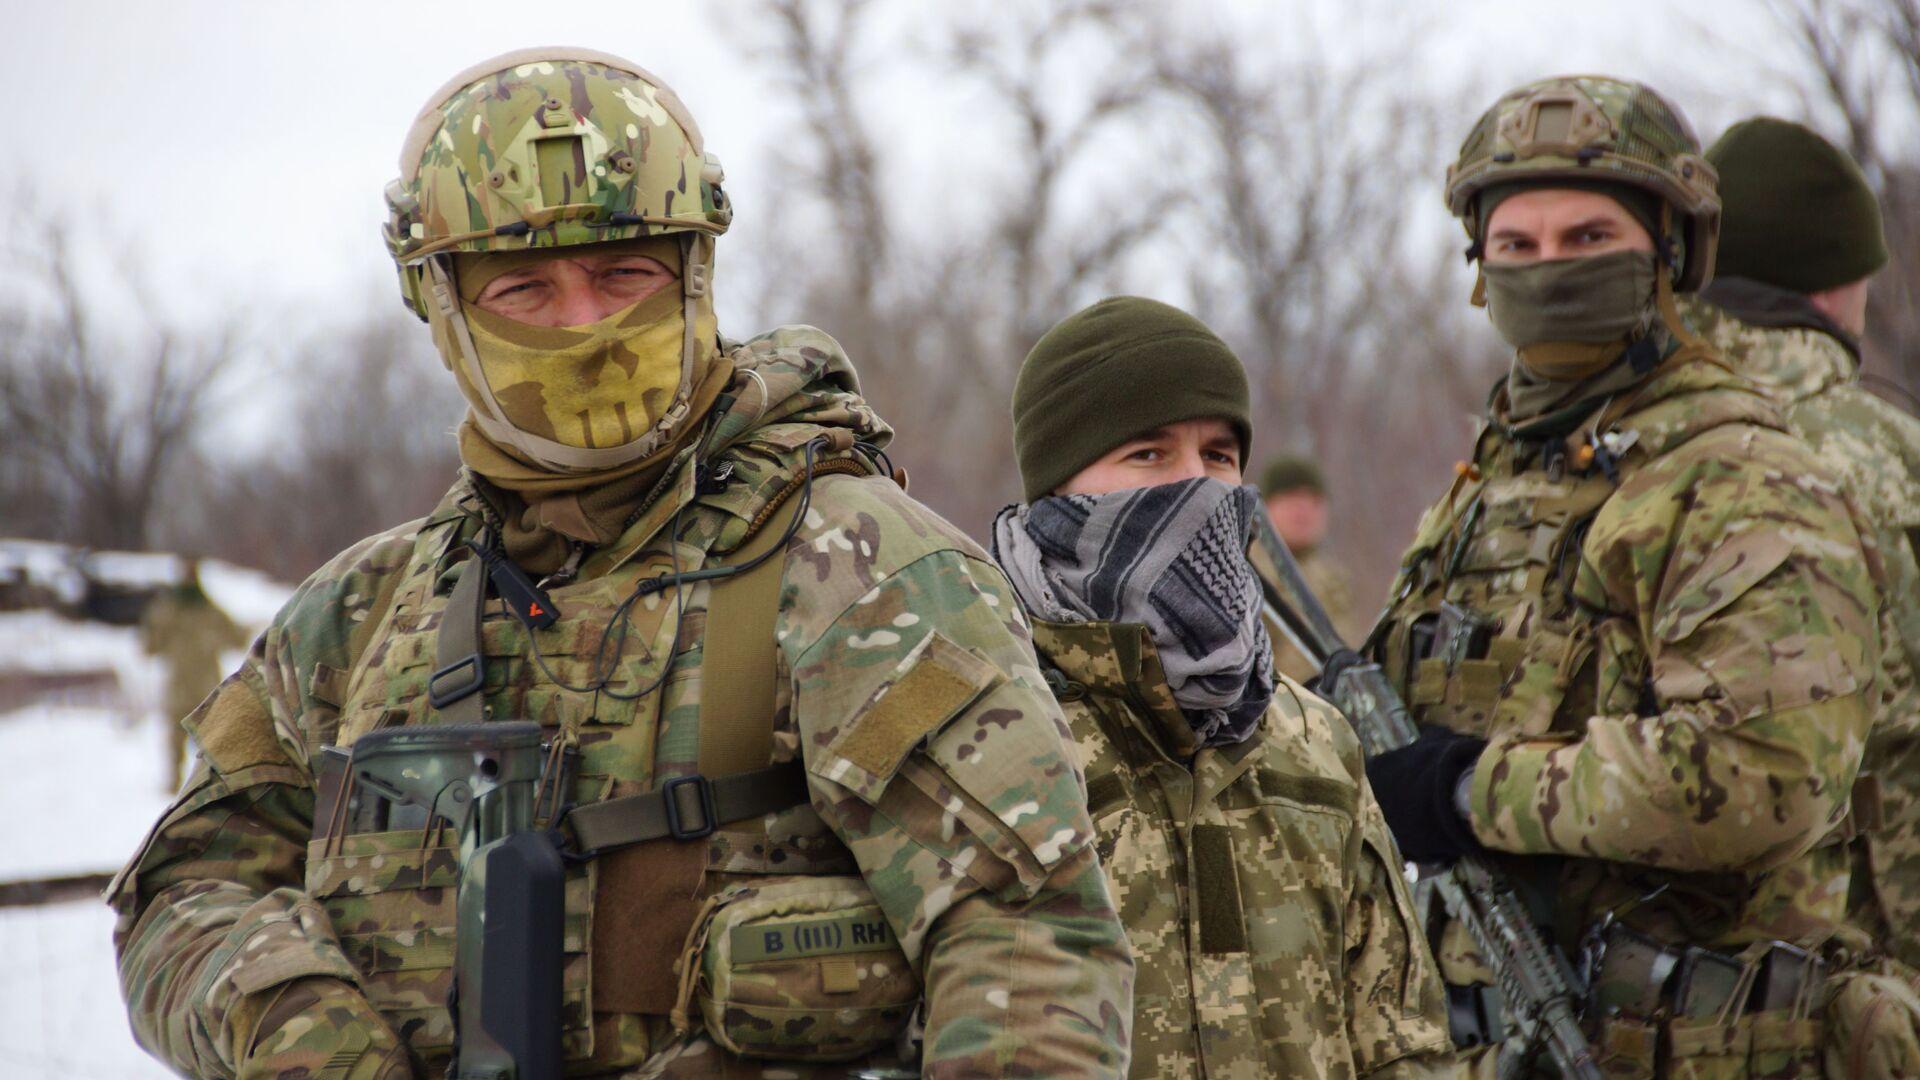 Украинские военнослужащие в Луганской области - РИА Новости, 1920, 12.01.2021